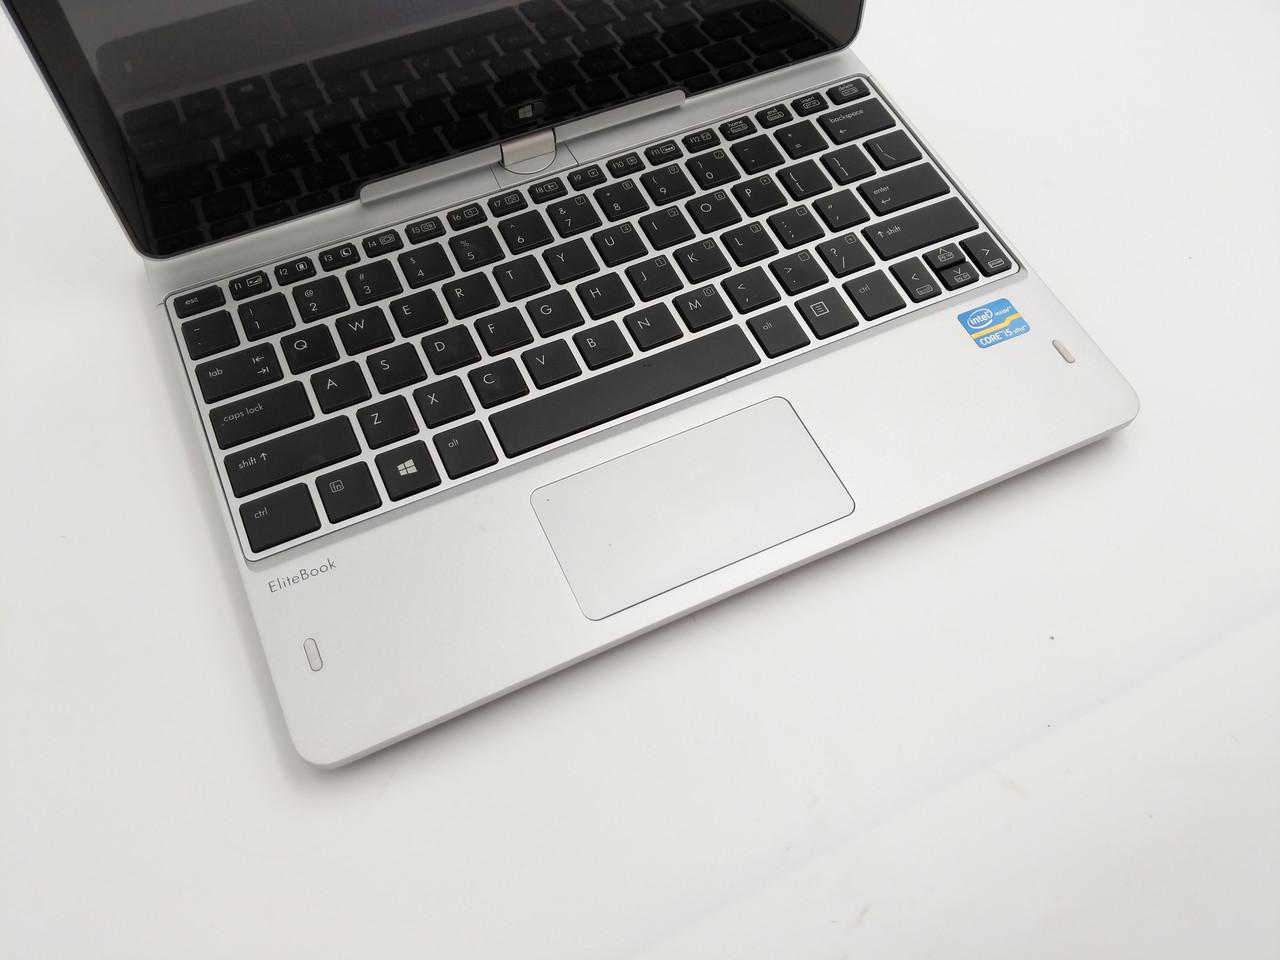 Б/У HP Elitebook Revolve 810 G1 11,6″  i5-3437U /DDR3 8 Gb /SSD Нет в наличии 4